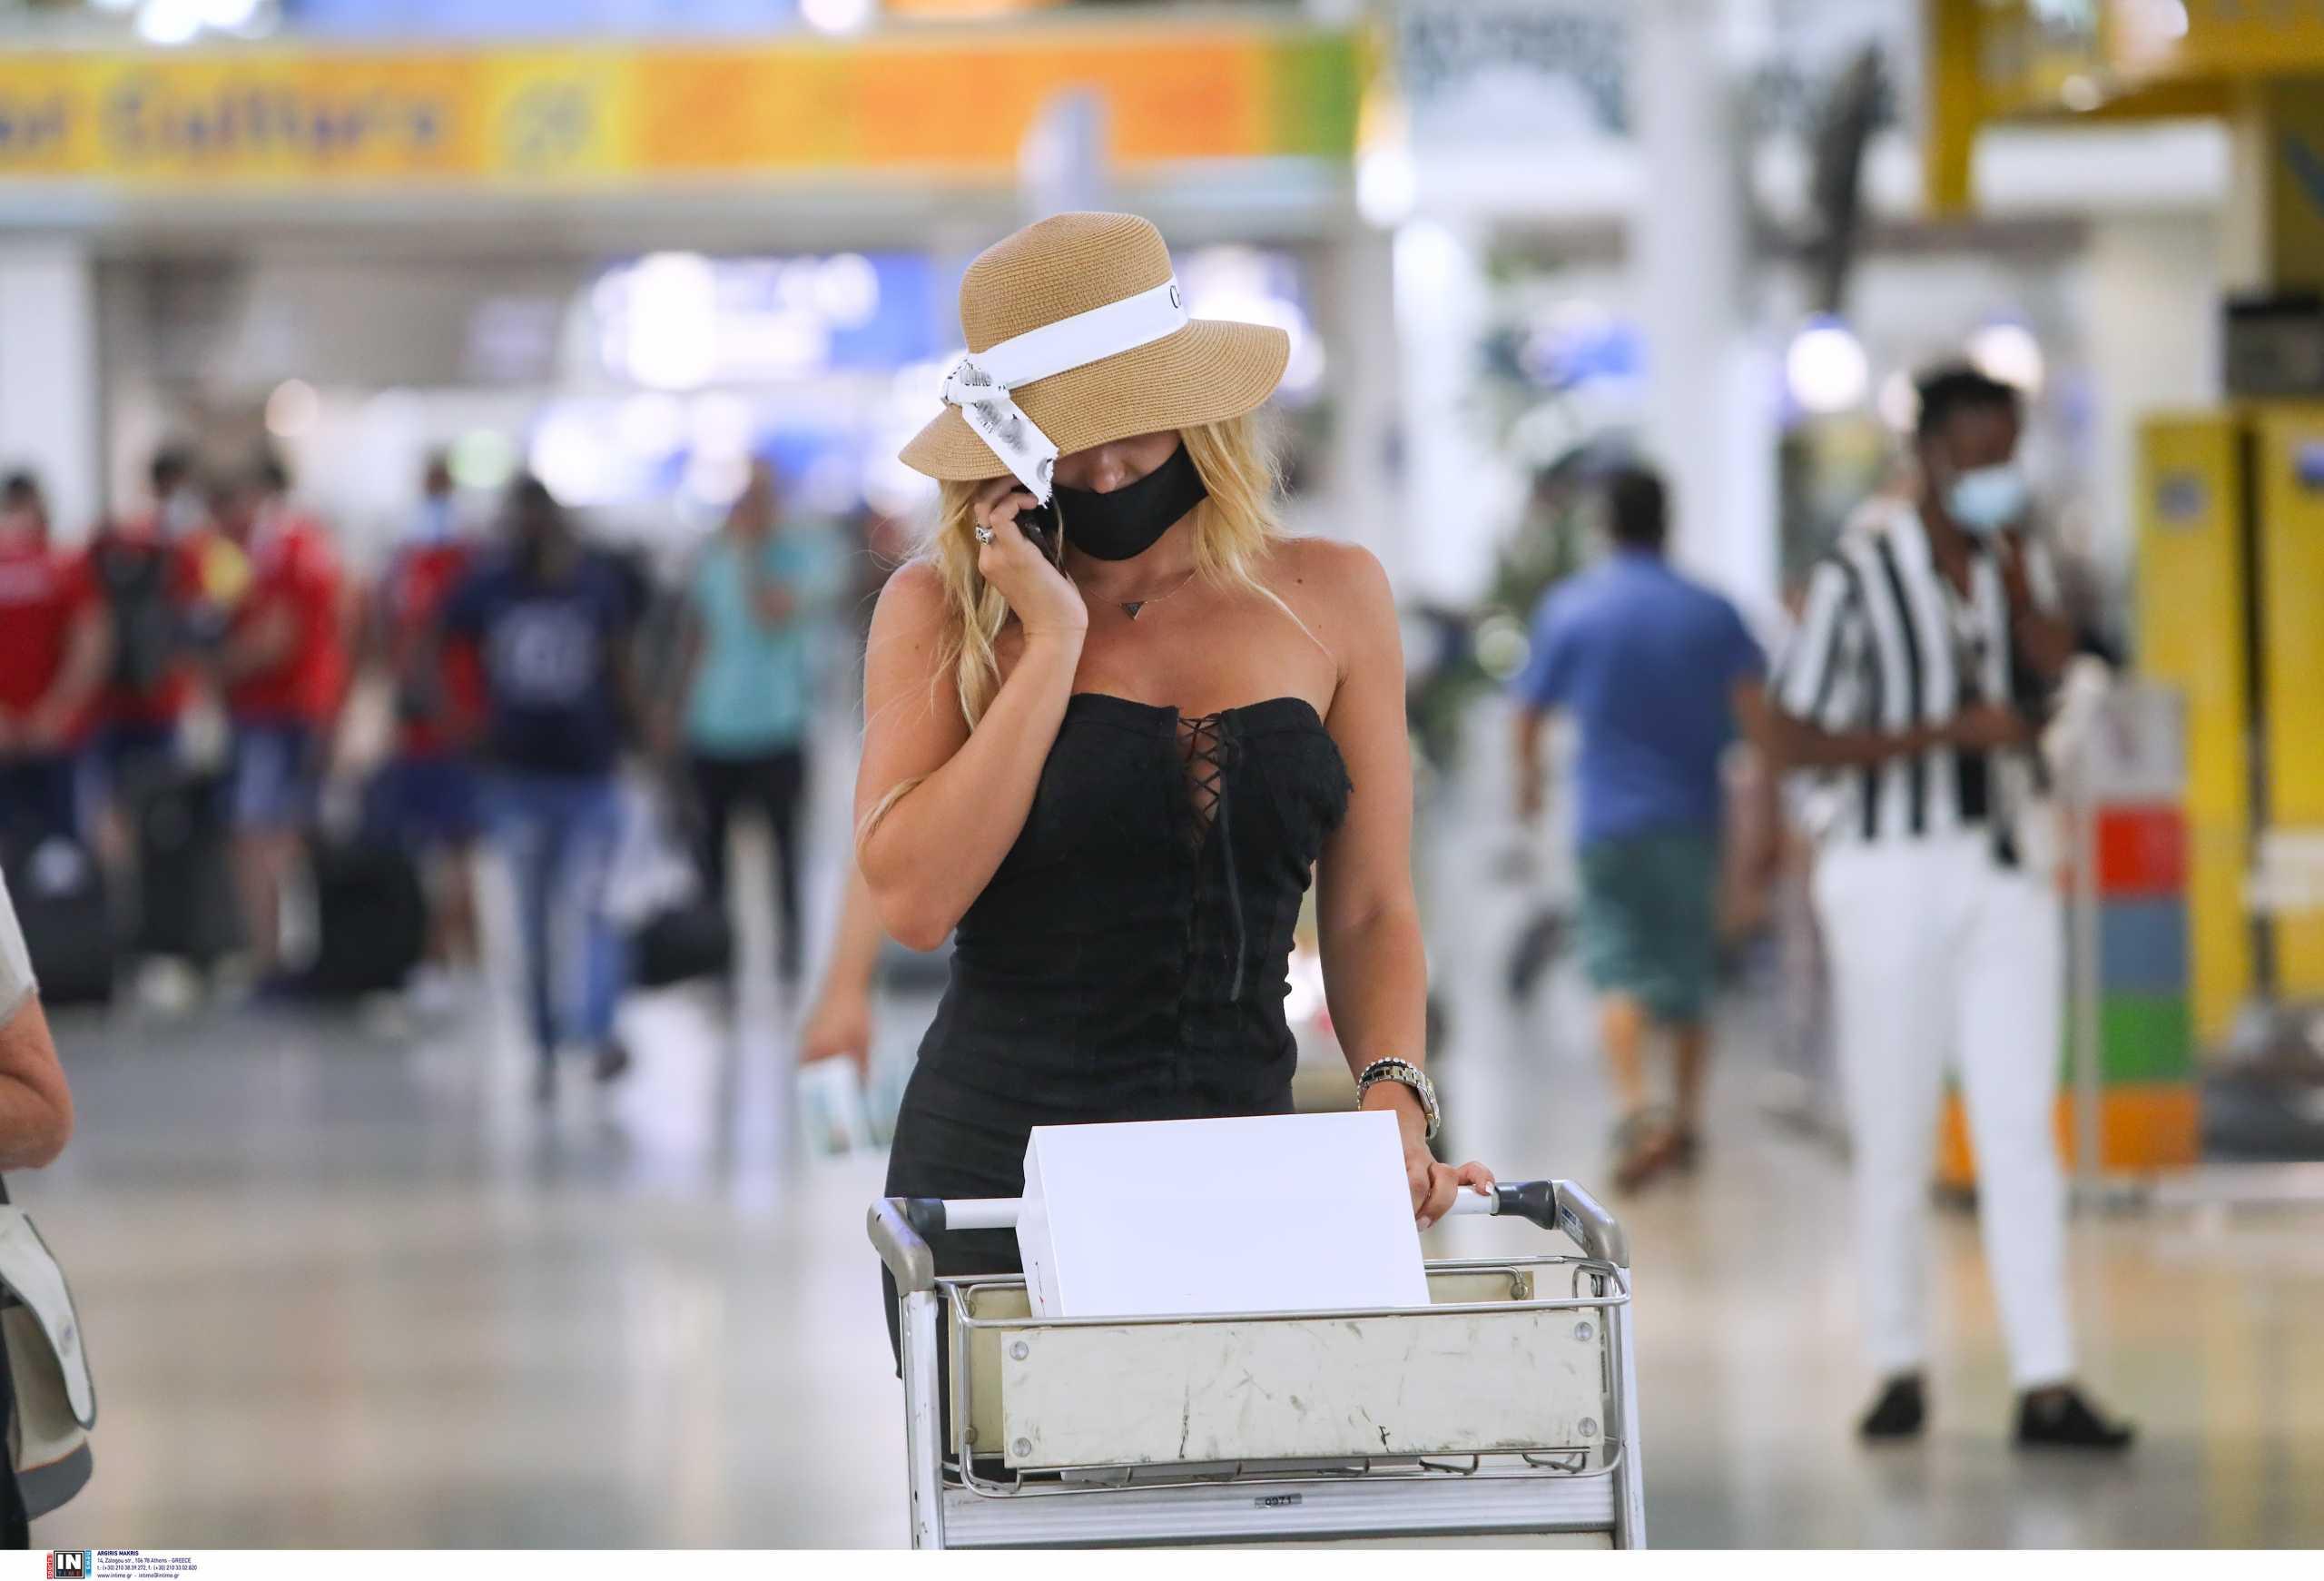 Παρατείνεται η NOTAM για τις αφίξεις στην Ελλάδα – Τι ισχύει έως 15 Ιουλίου